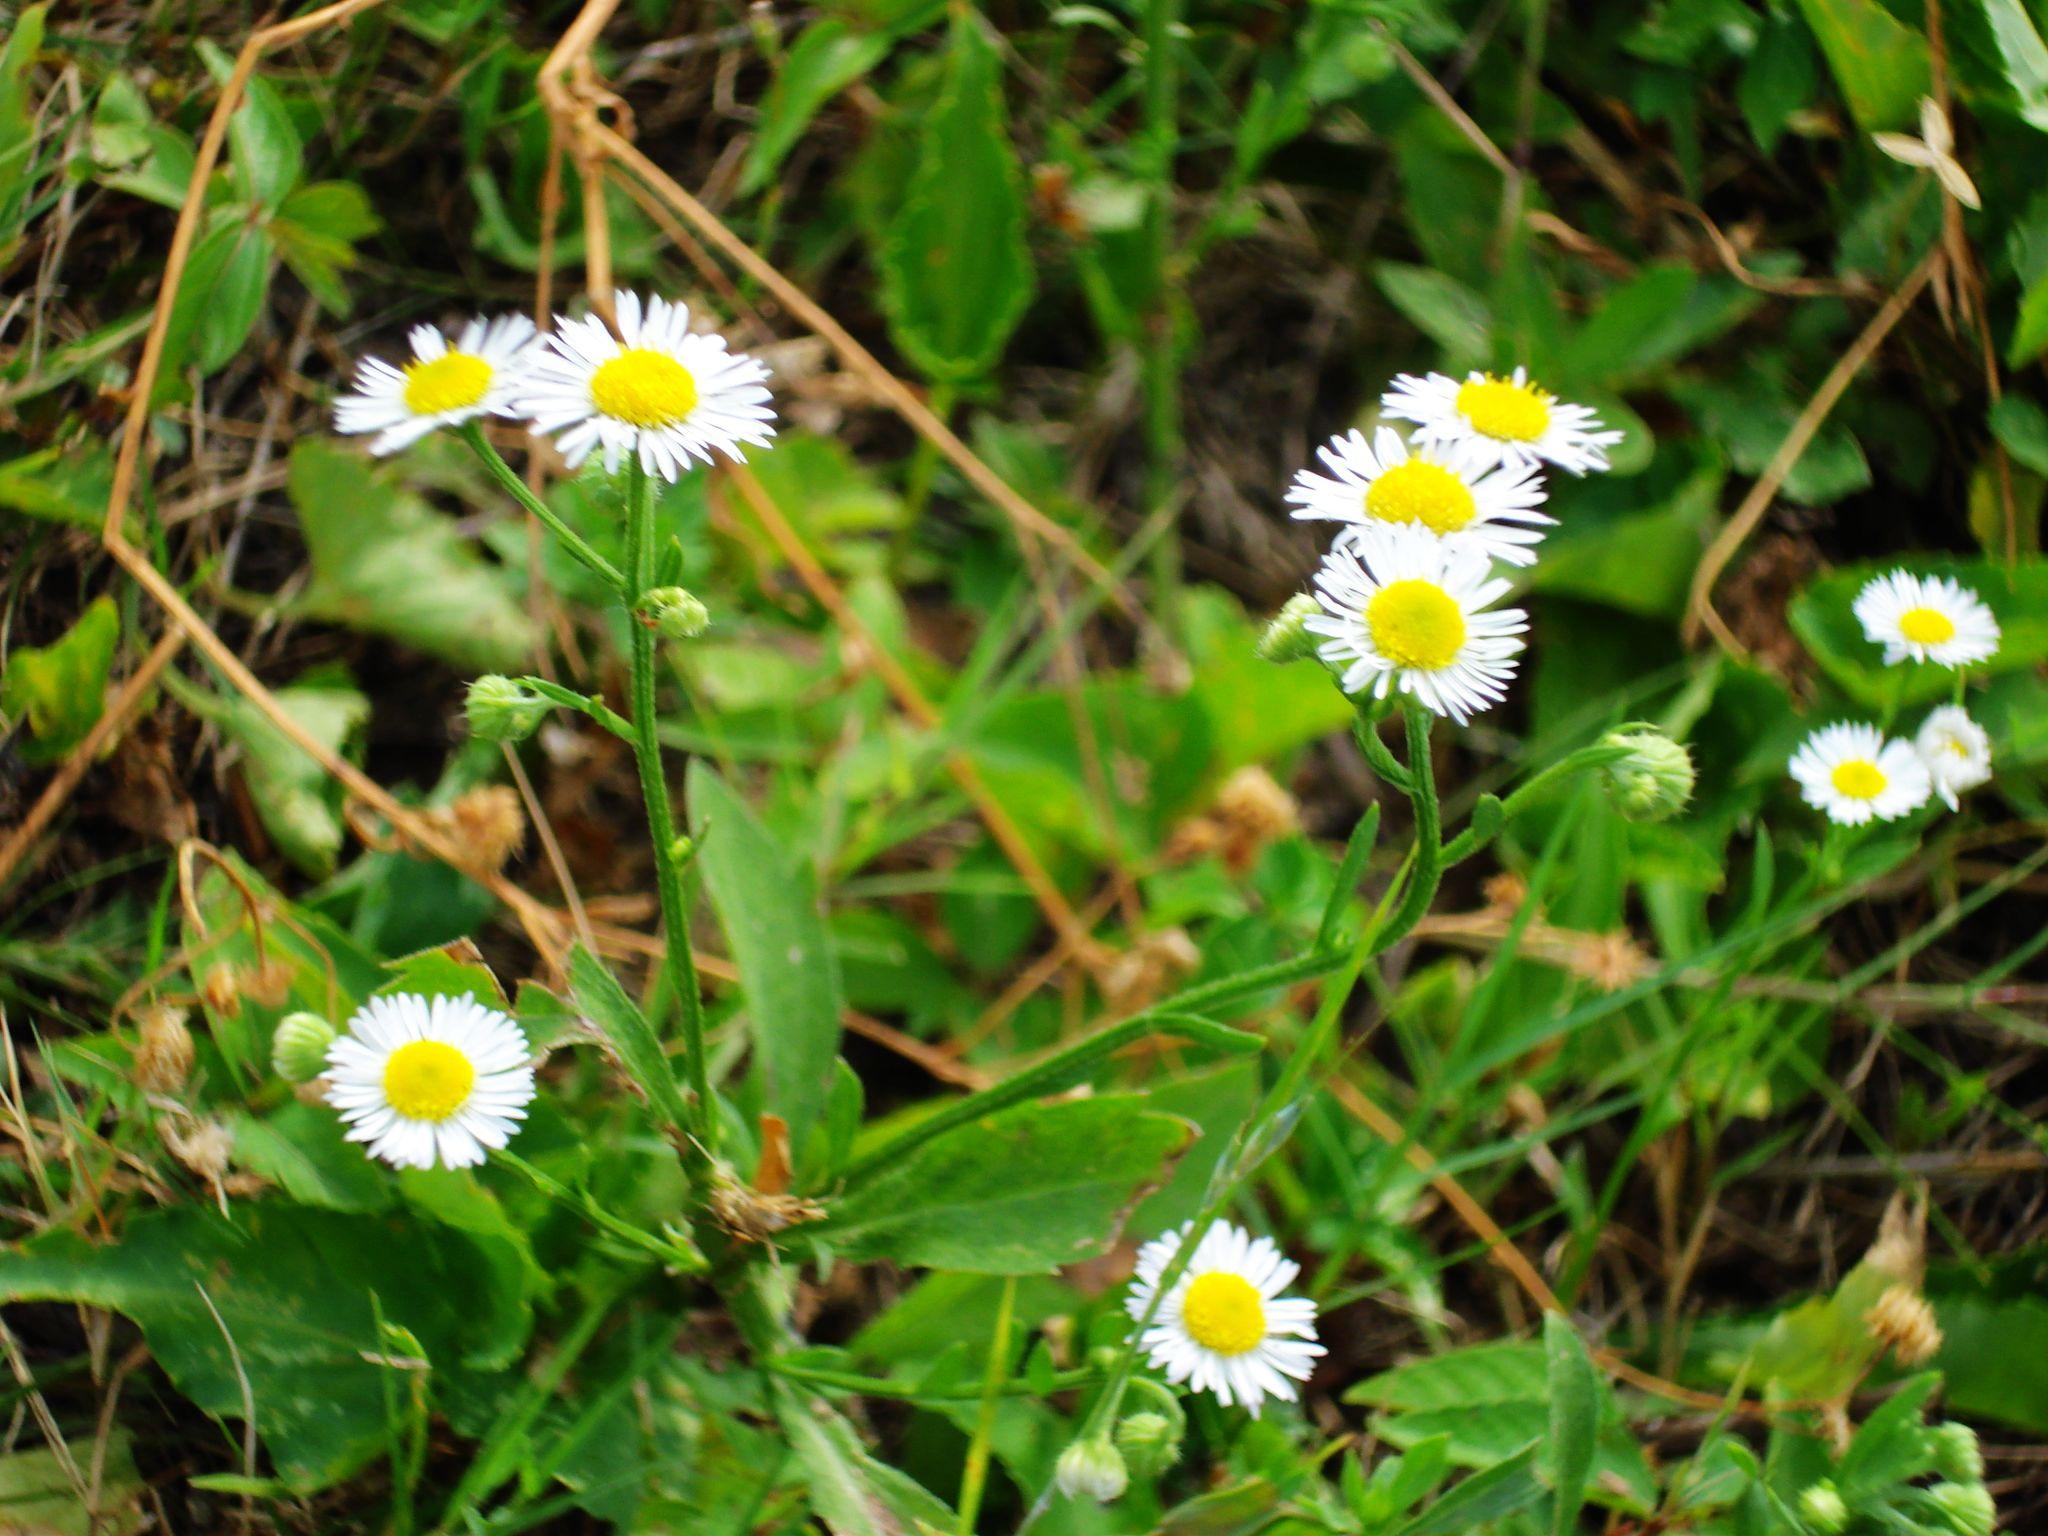 有谁知道这种白色的野花叫什么名字?